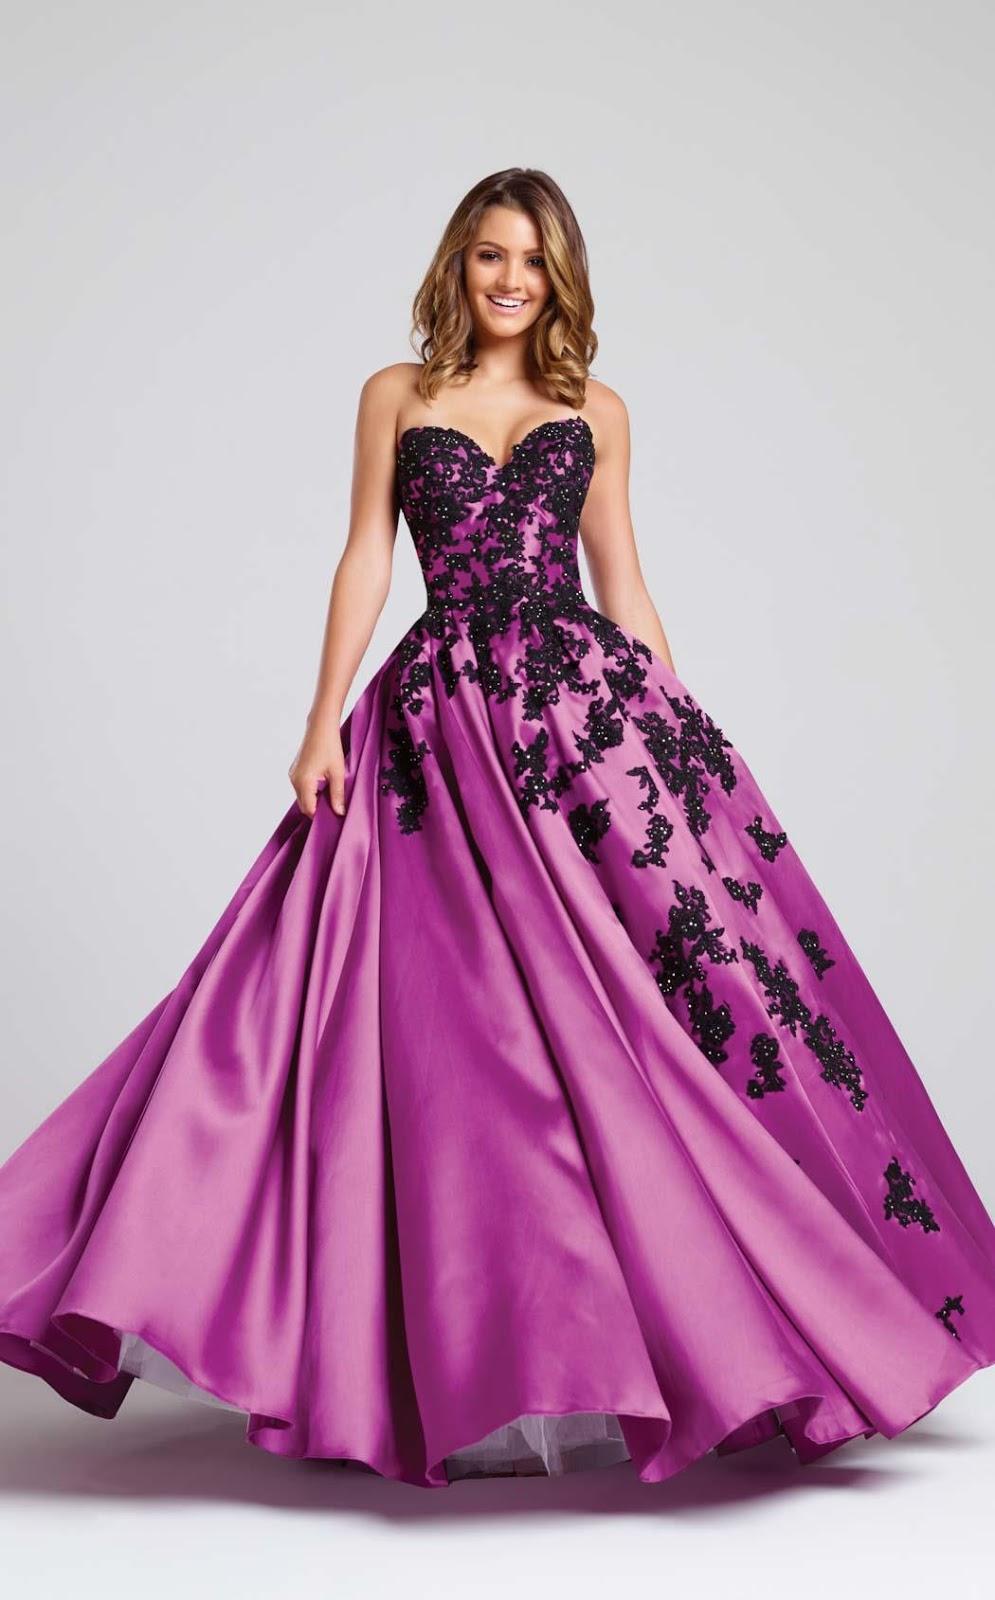 Bonito Vestidos De Novia Hermosa Imágenes - Vestido de Novia Para ...